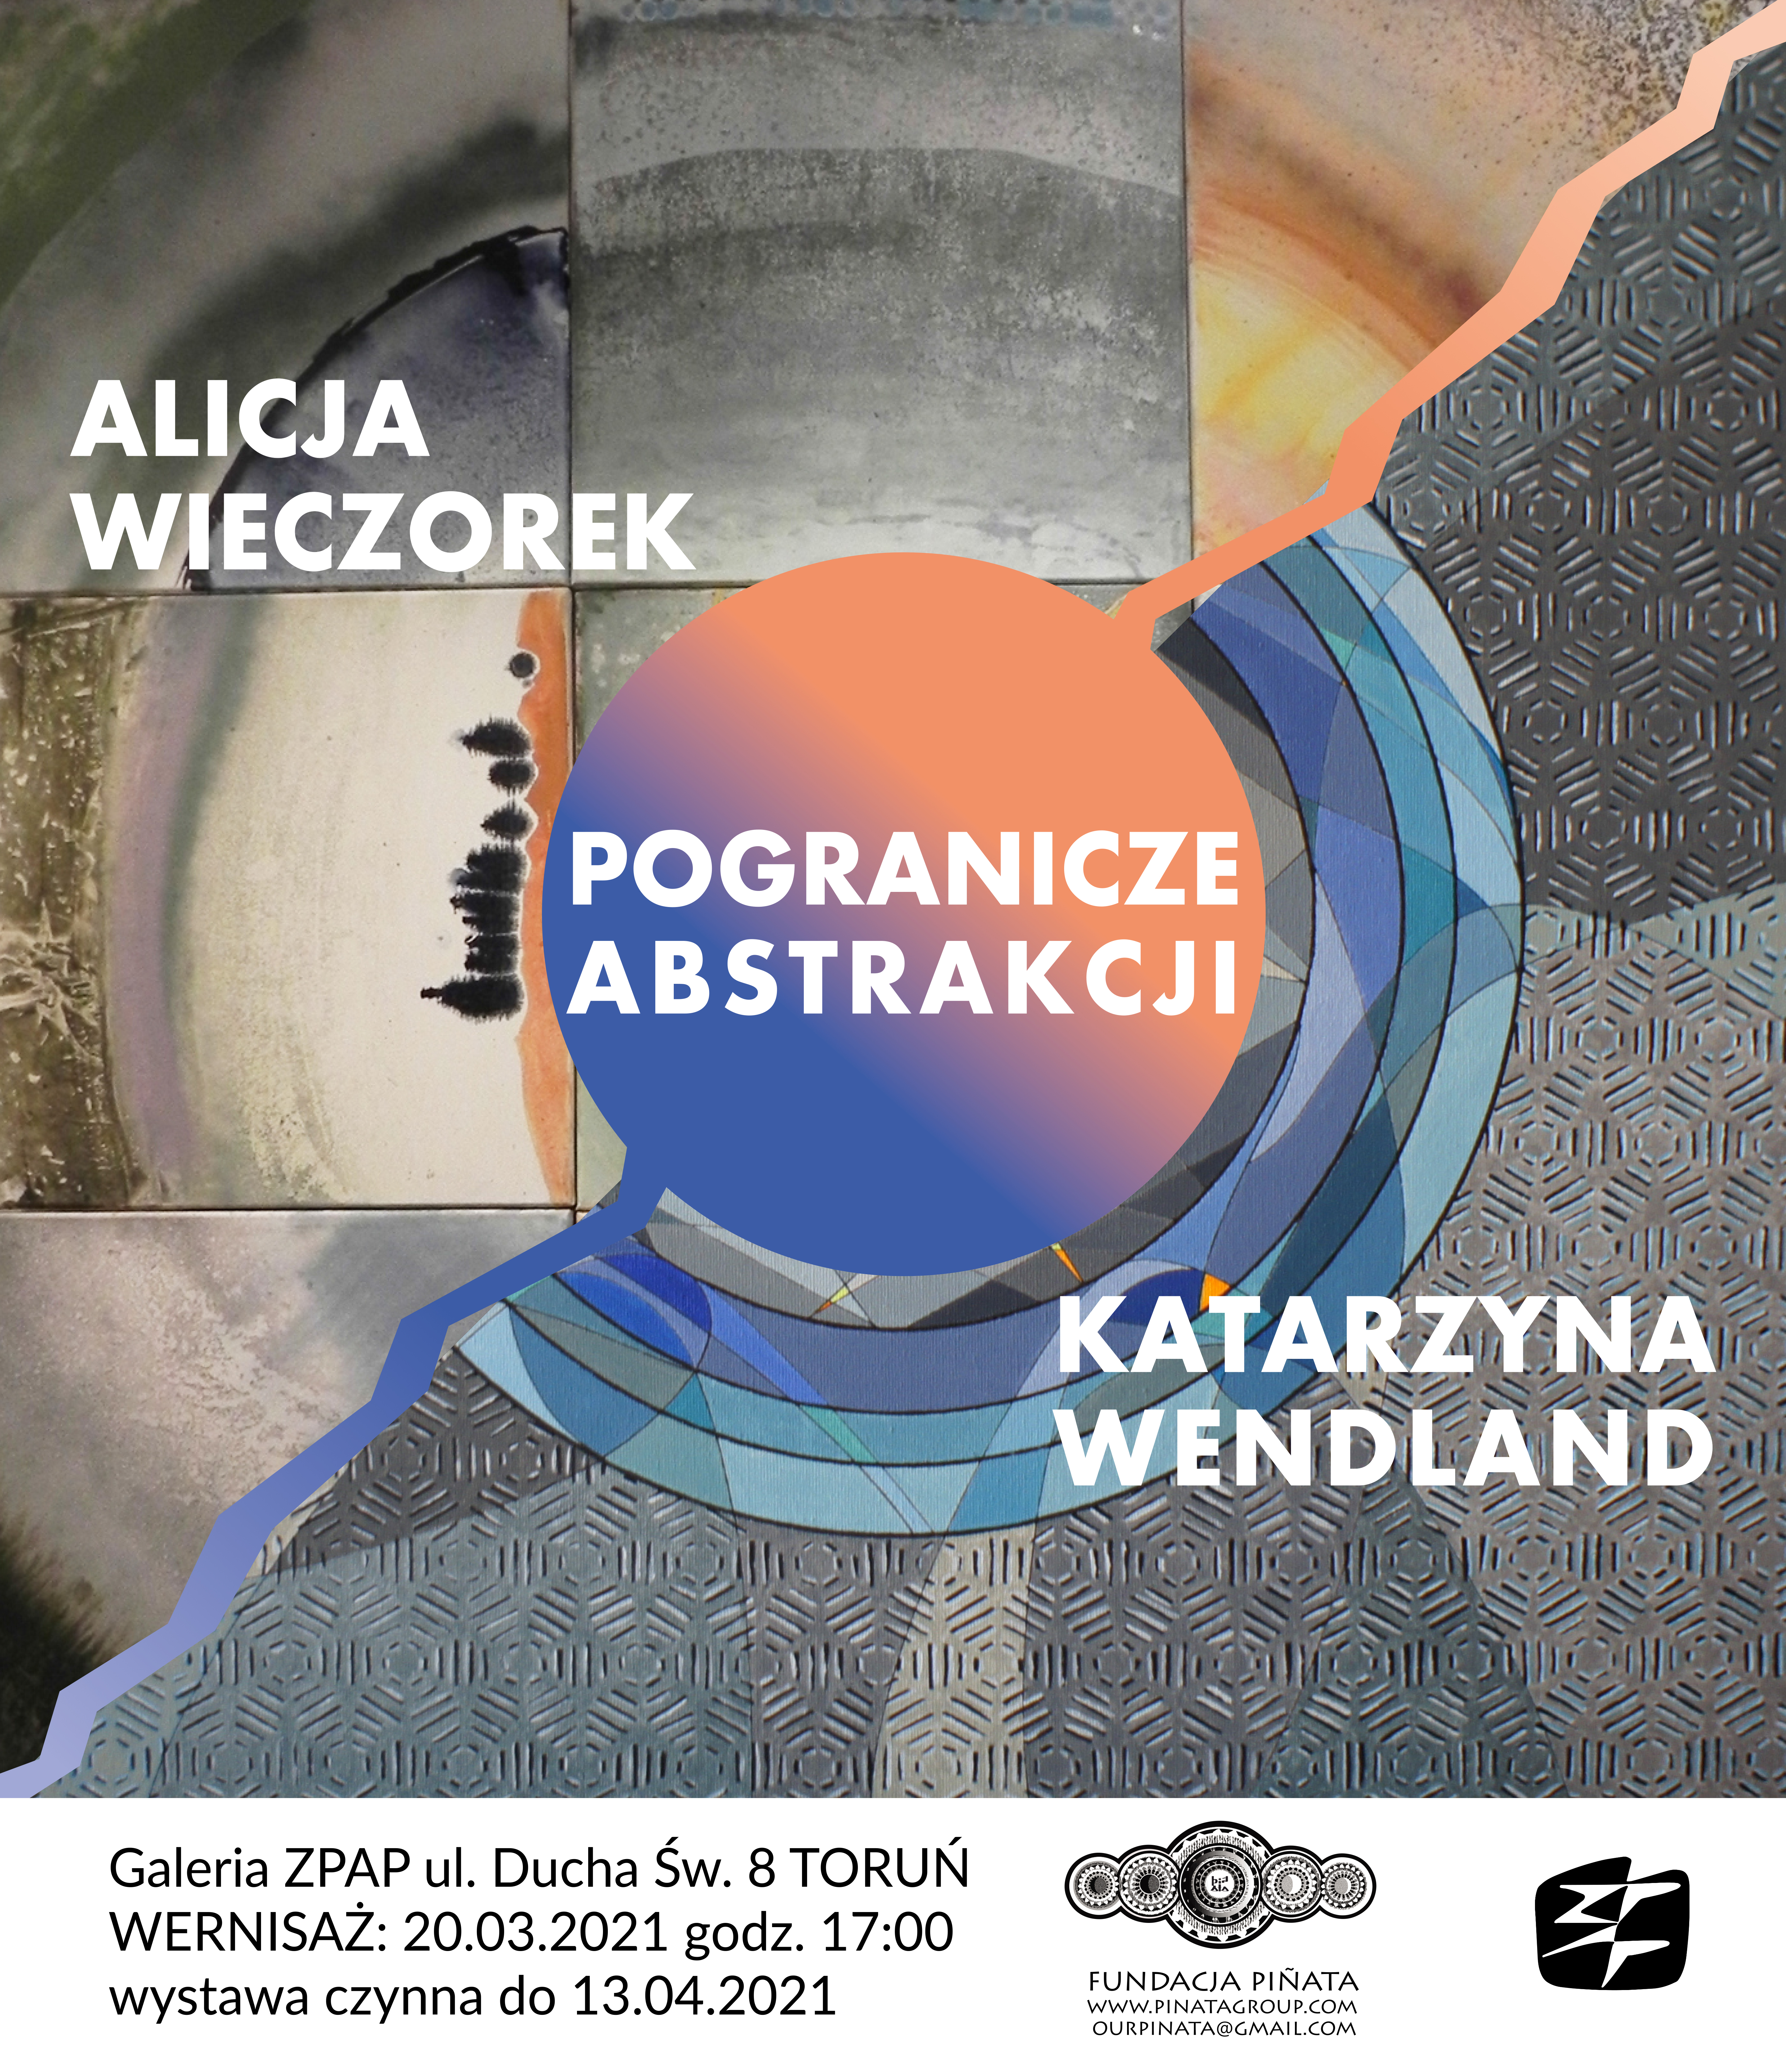 Pogranicze Abstrakcji – Alicja Wieczorek i Katarzyna Wendland